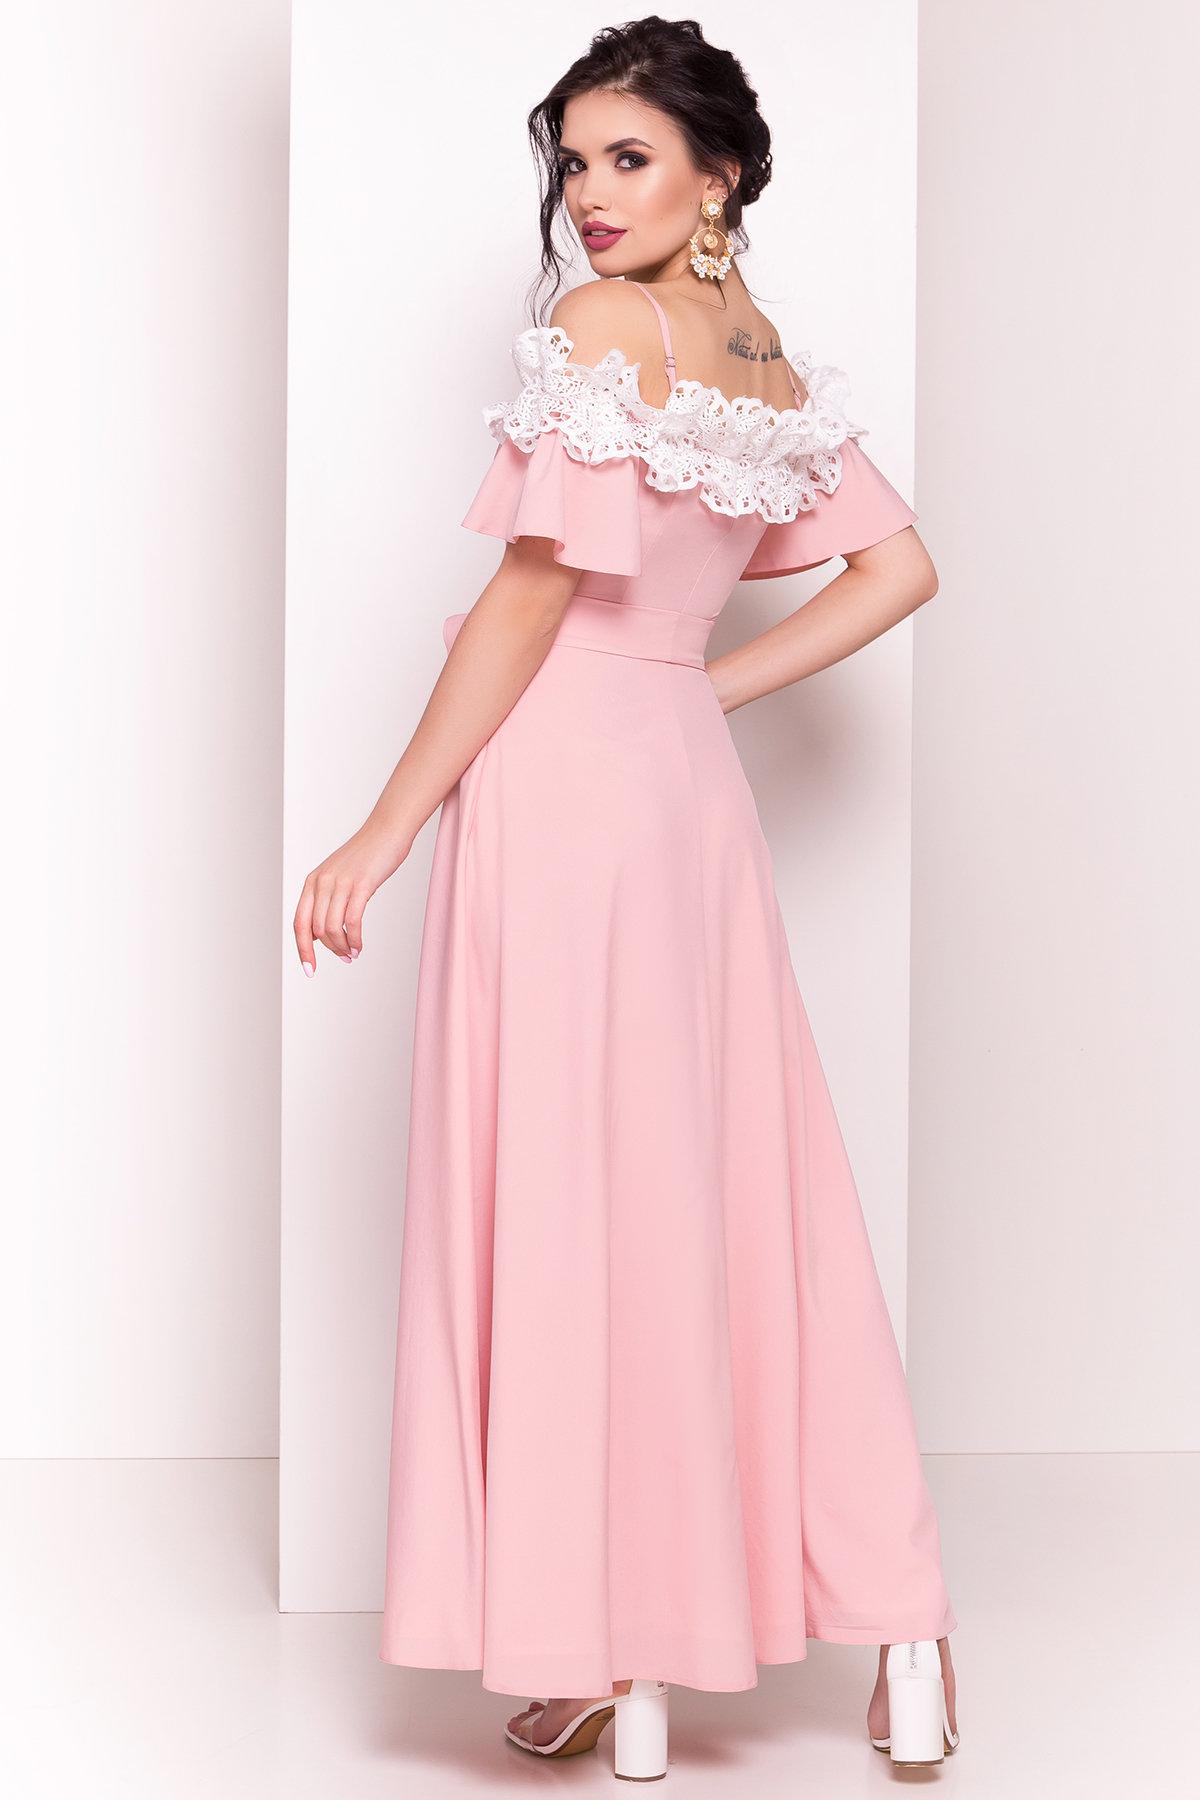 Длинное Платье Монриа 5094 АРТ. 35741 Цвет: Пудра - фото 3, интернет магазин tm-modus.ru